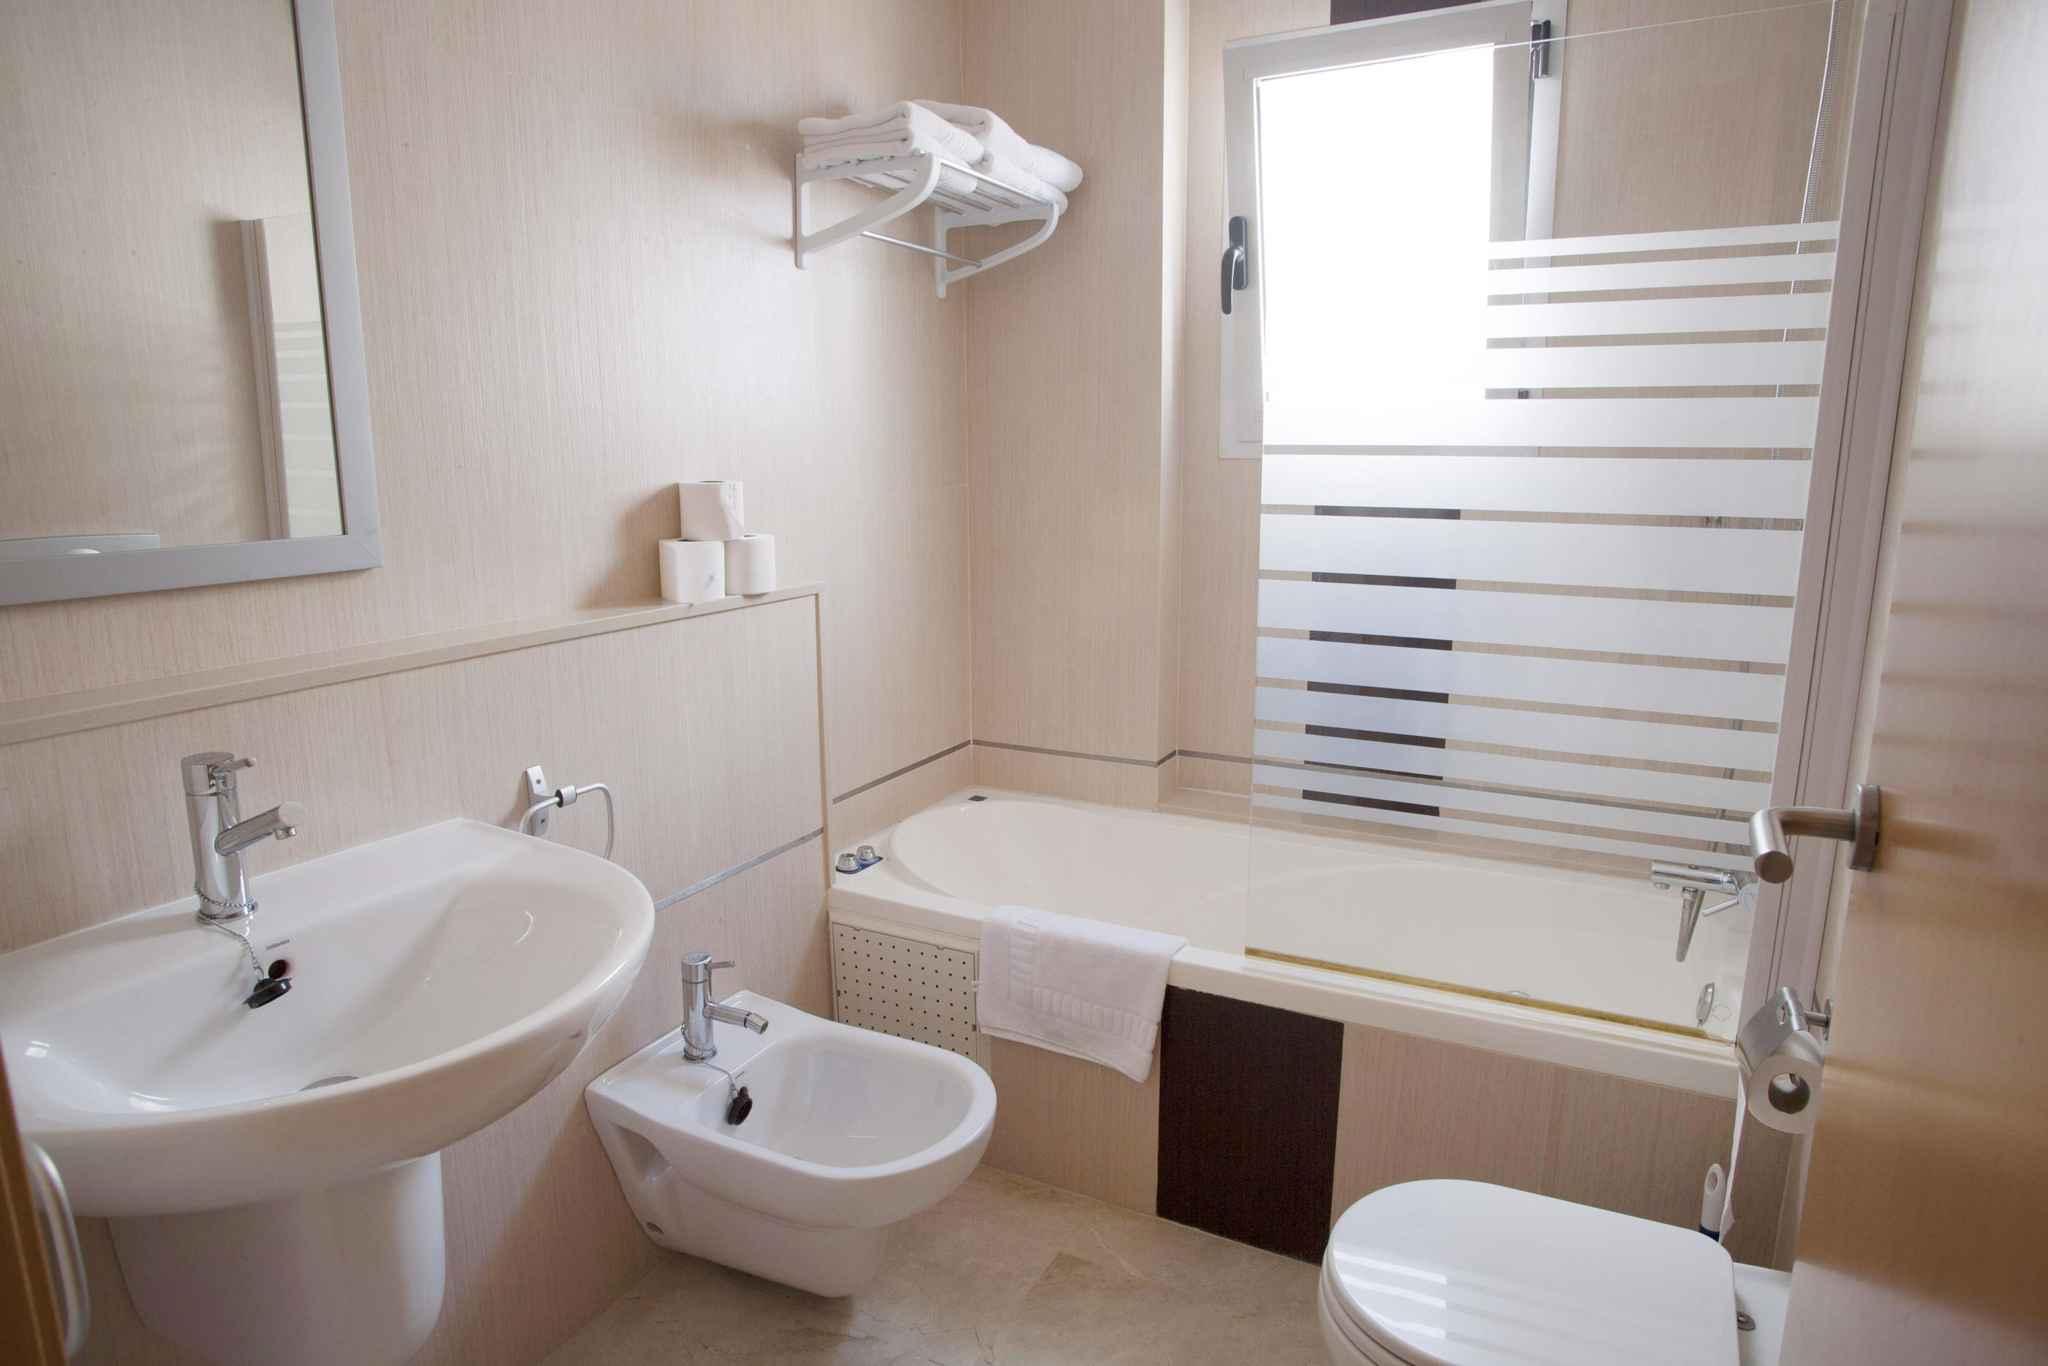 Ferienwohnung in Residence Bellavista (586751), Pego, Costa Blanca, Valencia, Spanien, Bild 11